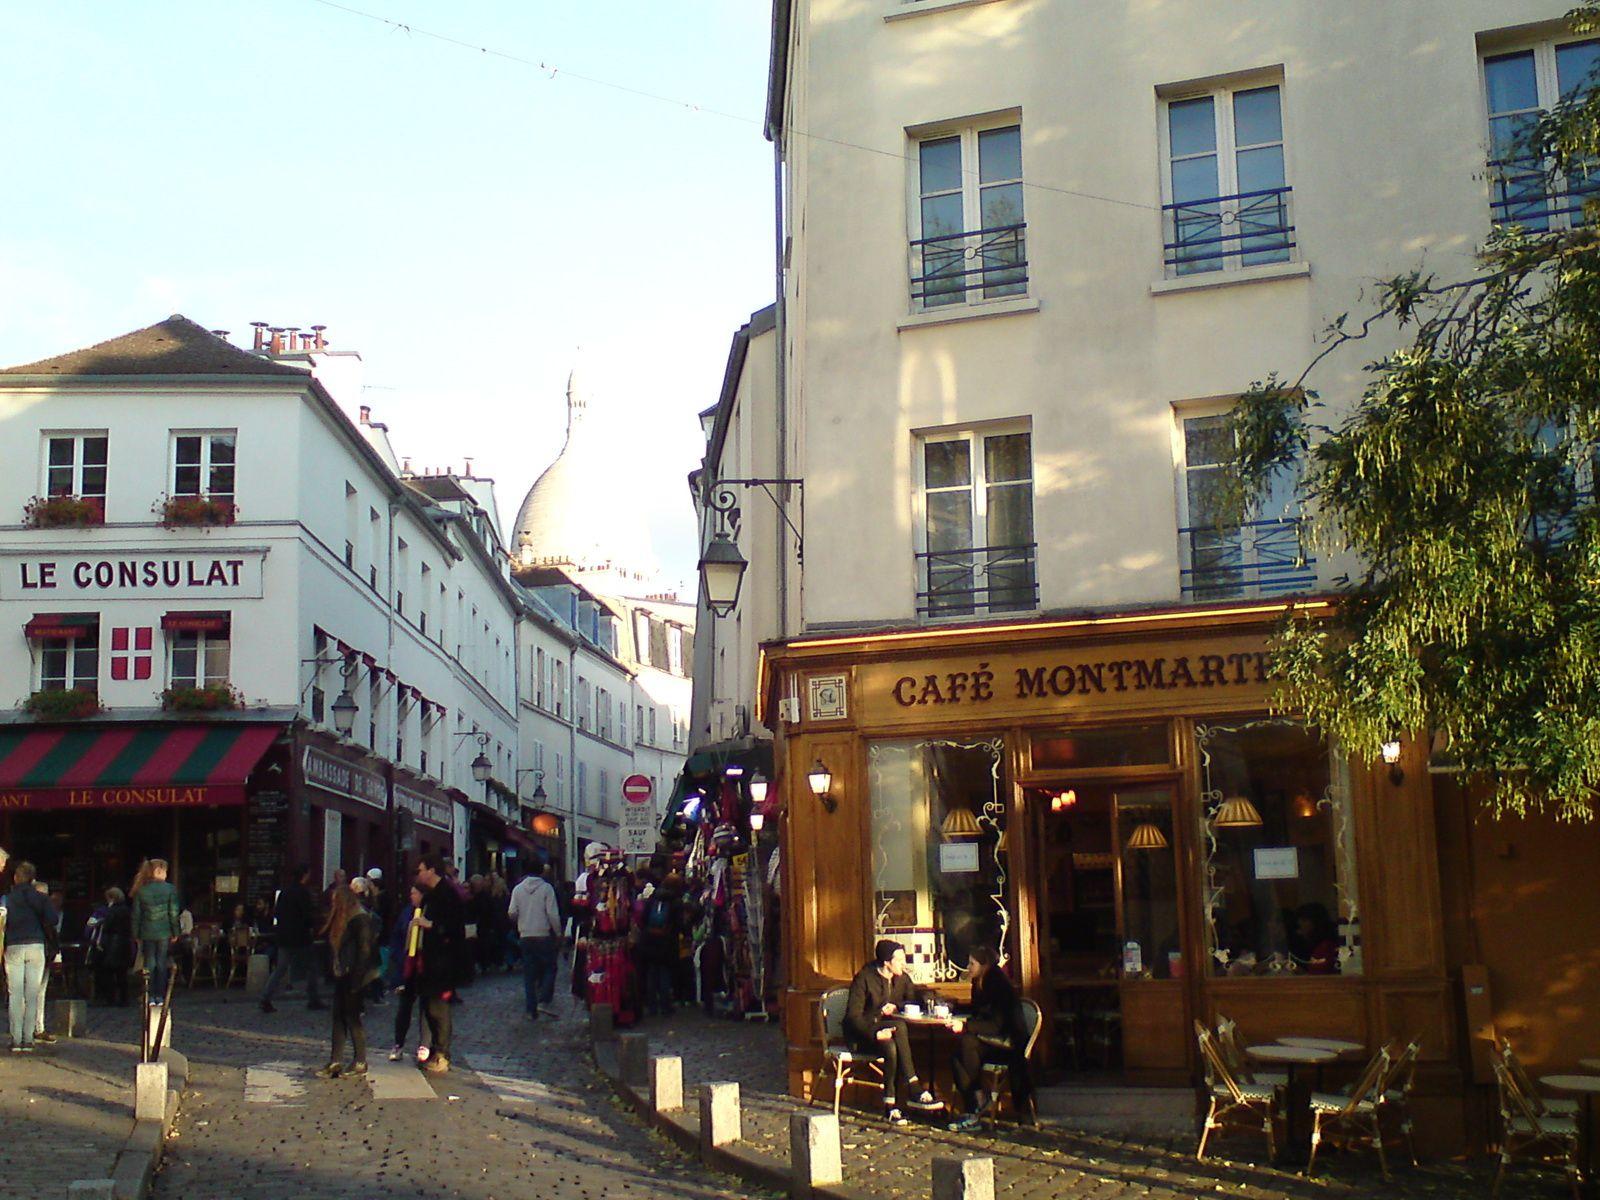 Des souvenirs de Montmartre chinois !